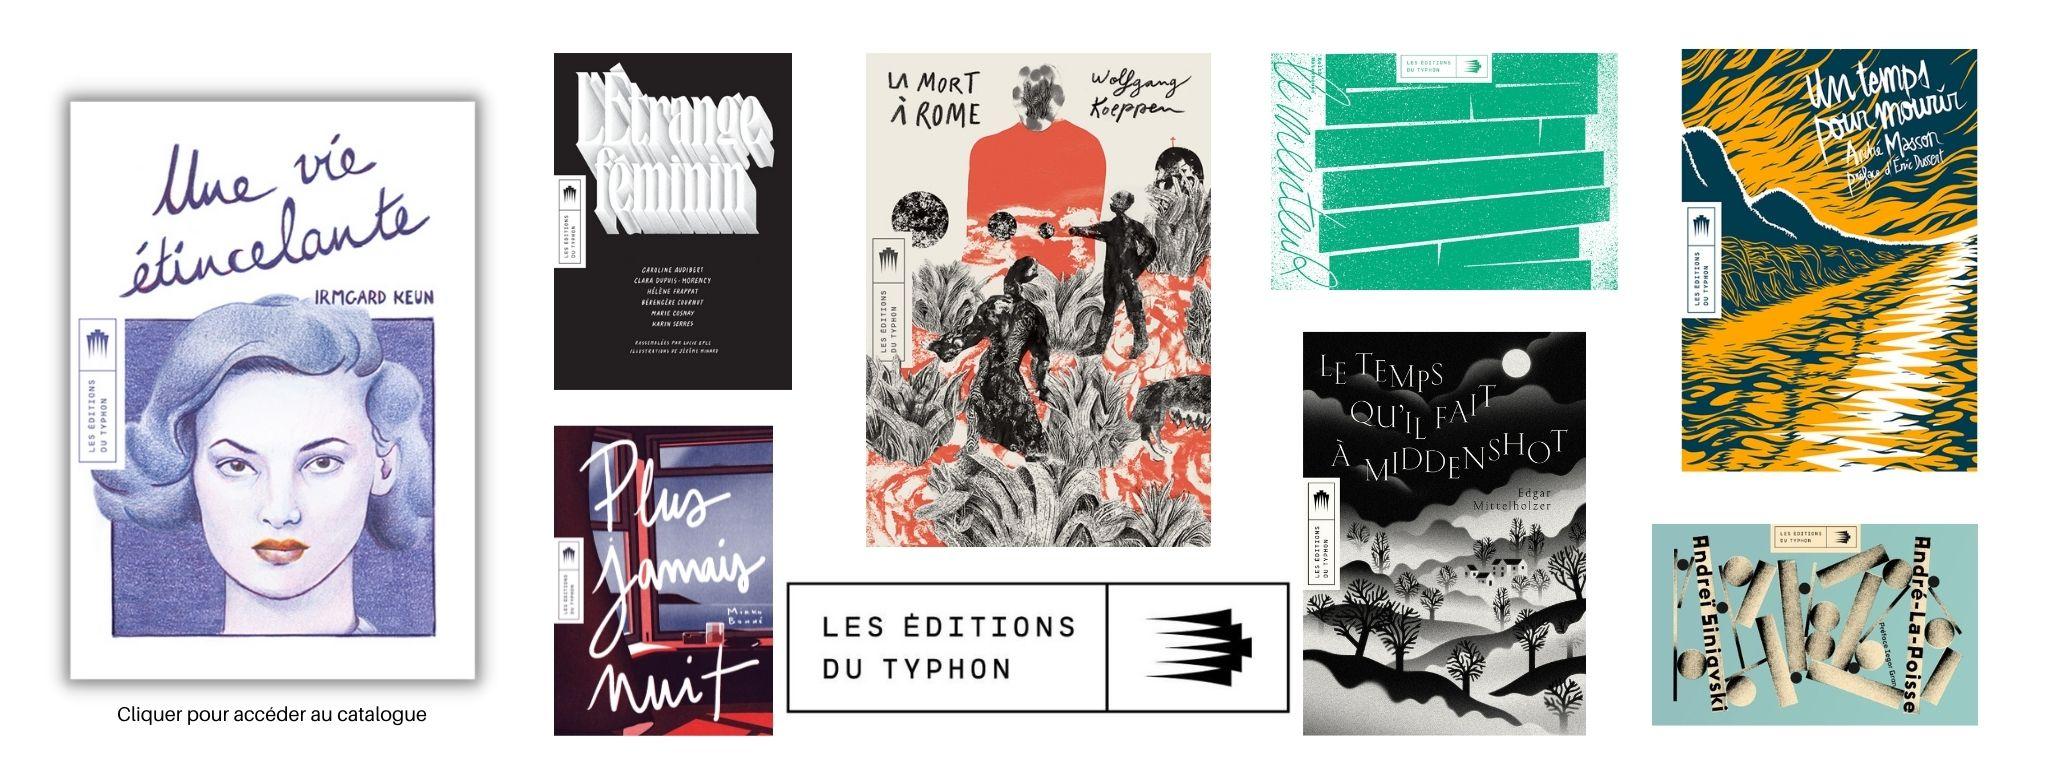 Les éditions du Typhon Découvrez des œuvres de fiction traversées par des souffles puissants.